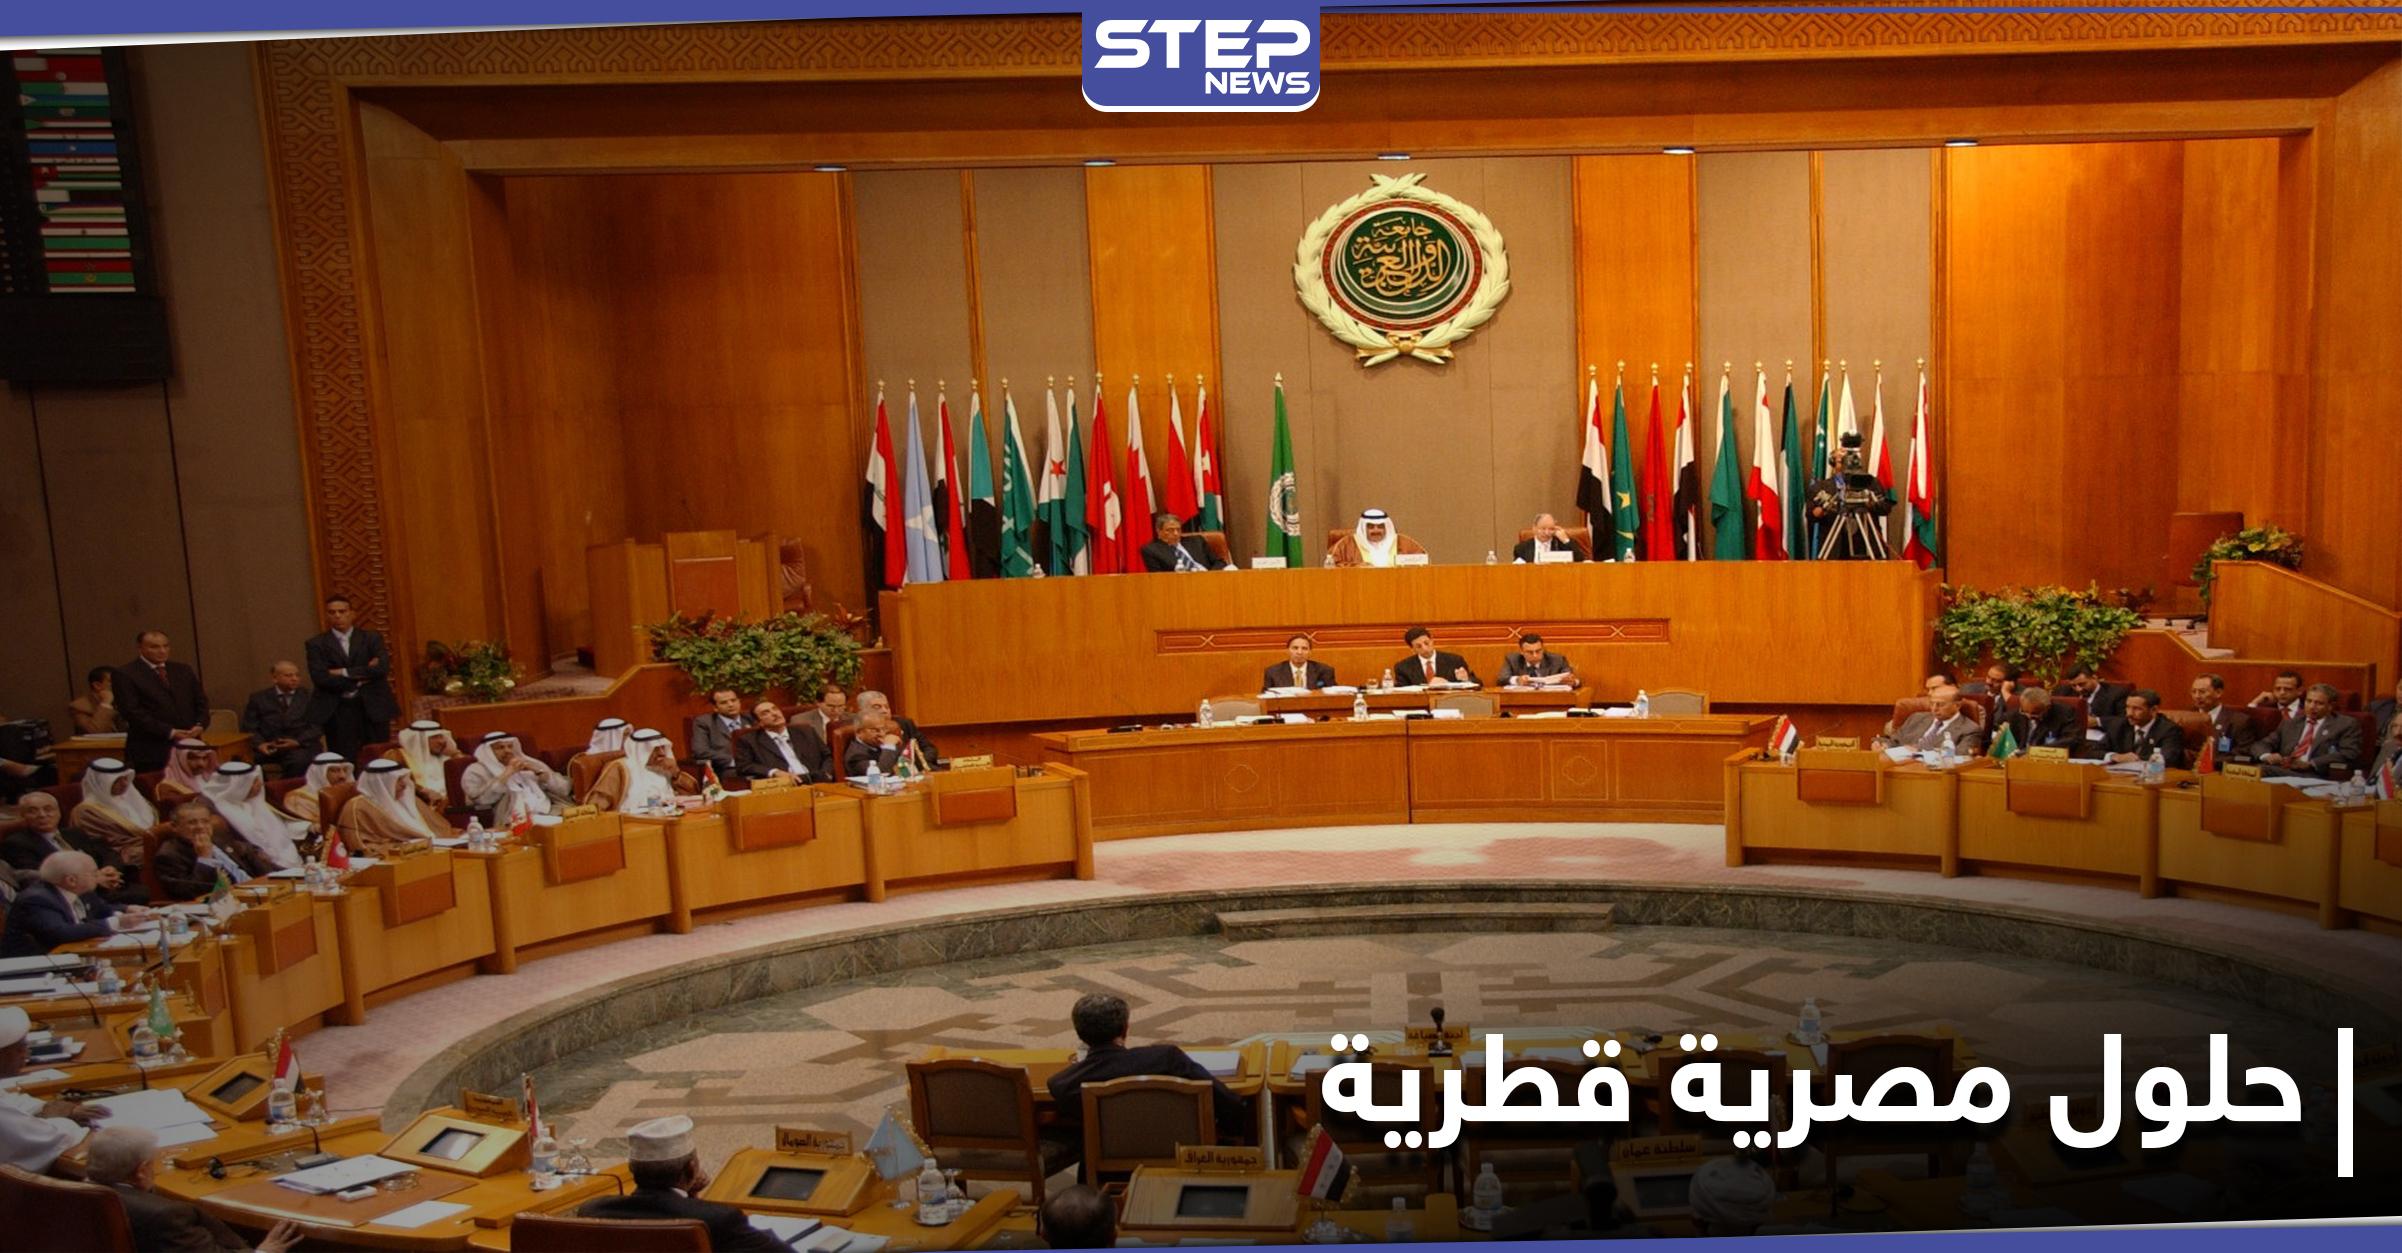 حلول مصرية قطرية لإنهاء الحرب في سوريا ودعوات لمحاسبة المجرمين